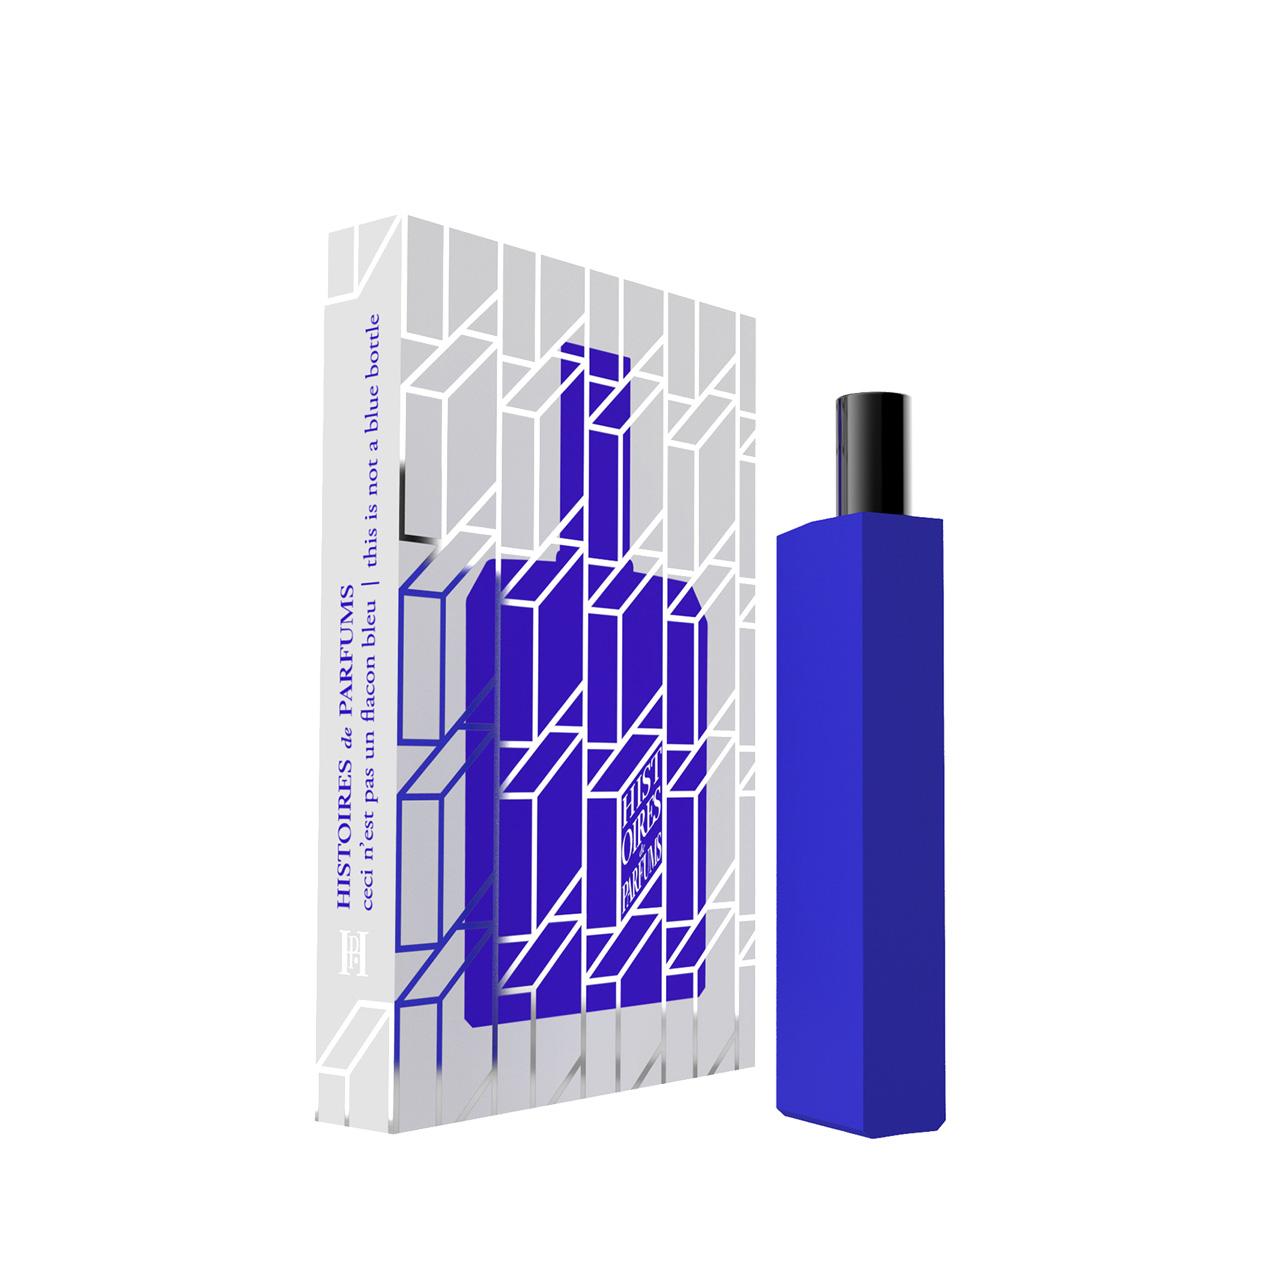 This is not a blue bottle 1/.1 - Eau de Parfum